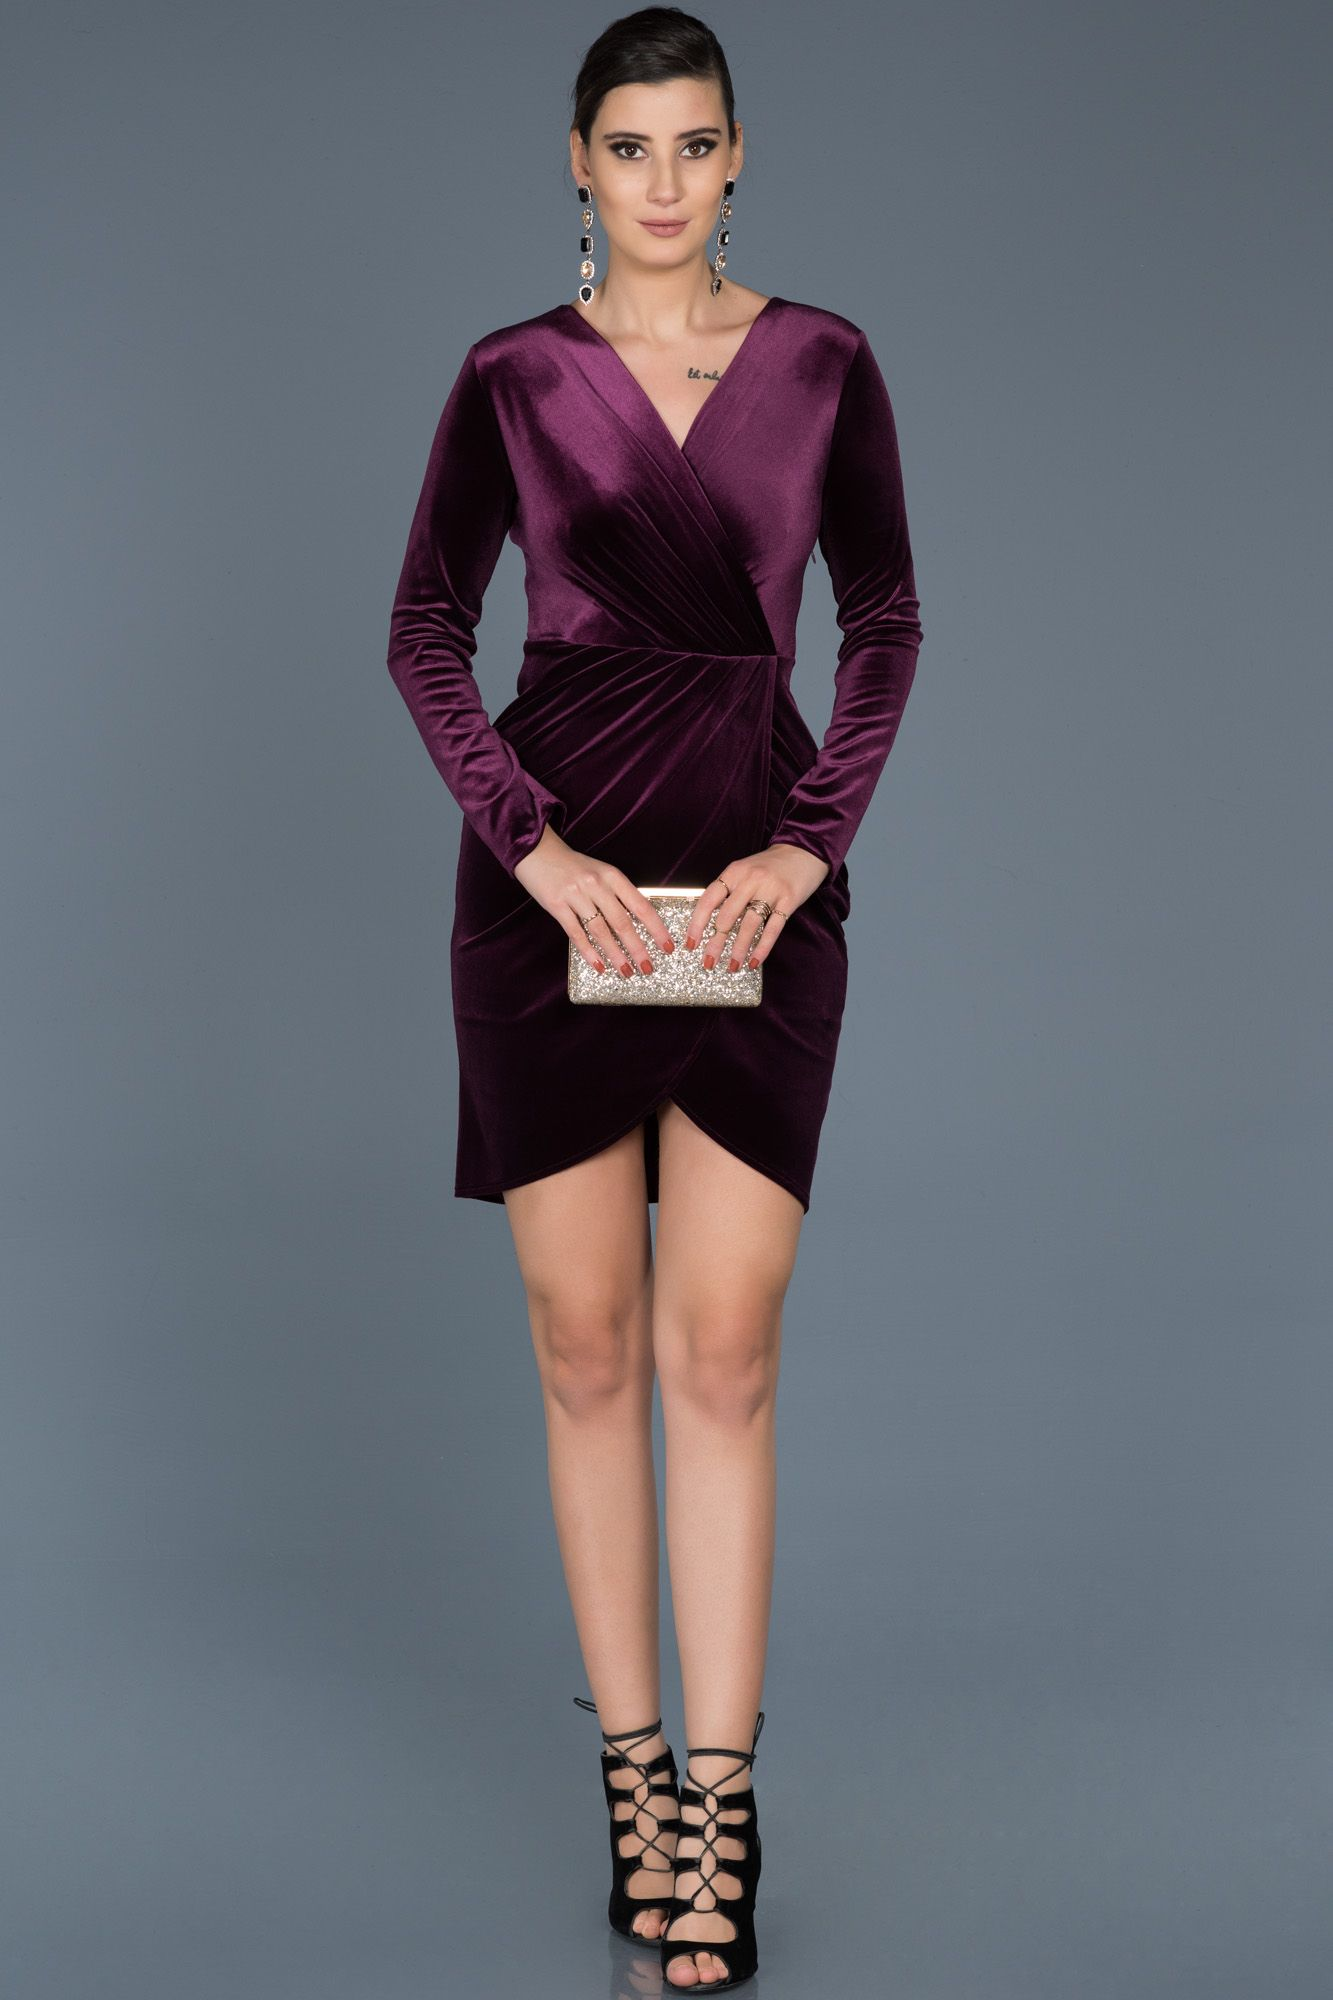 1b9d84fbe0aa6 #kadife elbise, #velvet dresses, #kısa abiye elbise, #kadife abiye, #2019  abiye modelleri, #night dresses, #evening dresses short, #mor, #purple, ...